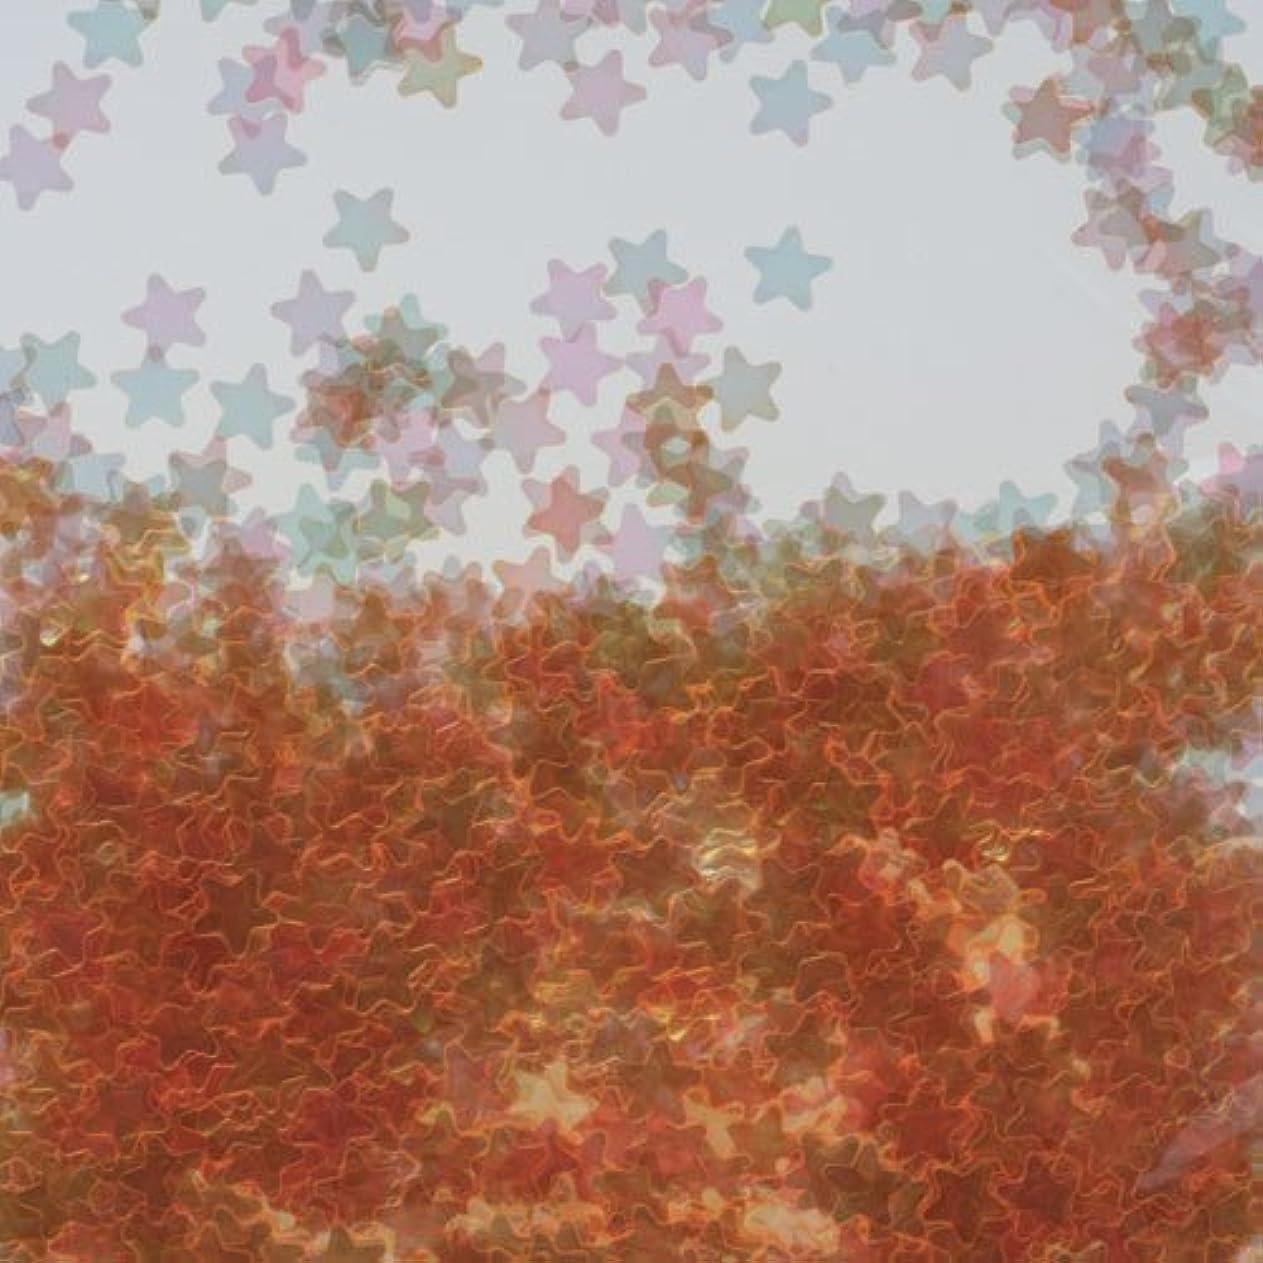 インスタンス兄弟愛アマチュアピカエース ネイル用パウダー 星オーロラ 耐溶剤 #762 オレンジ 0.5g